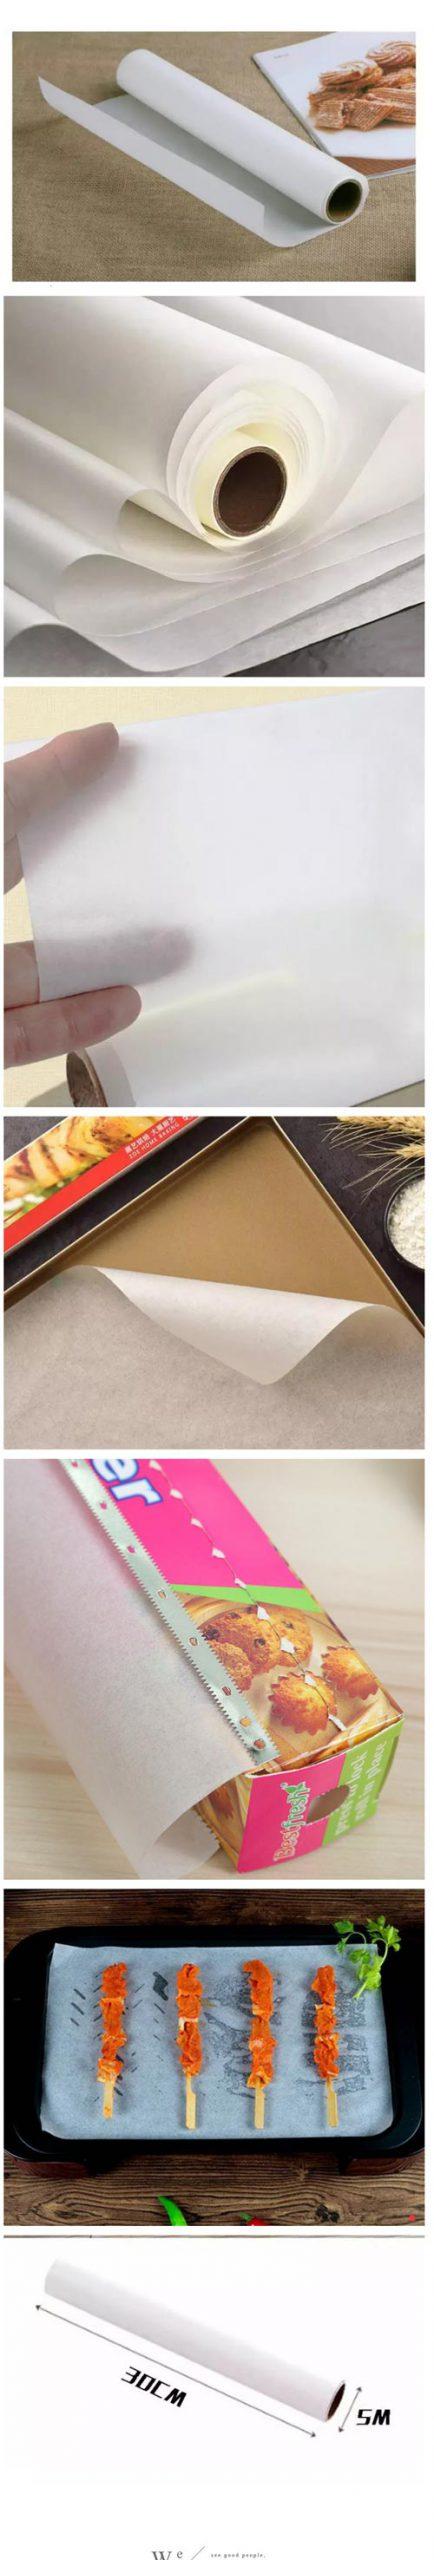 Baking Paper Roll in Pakistan